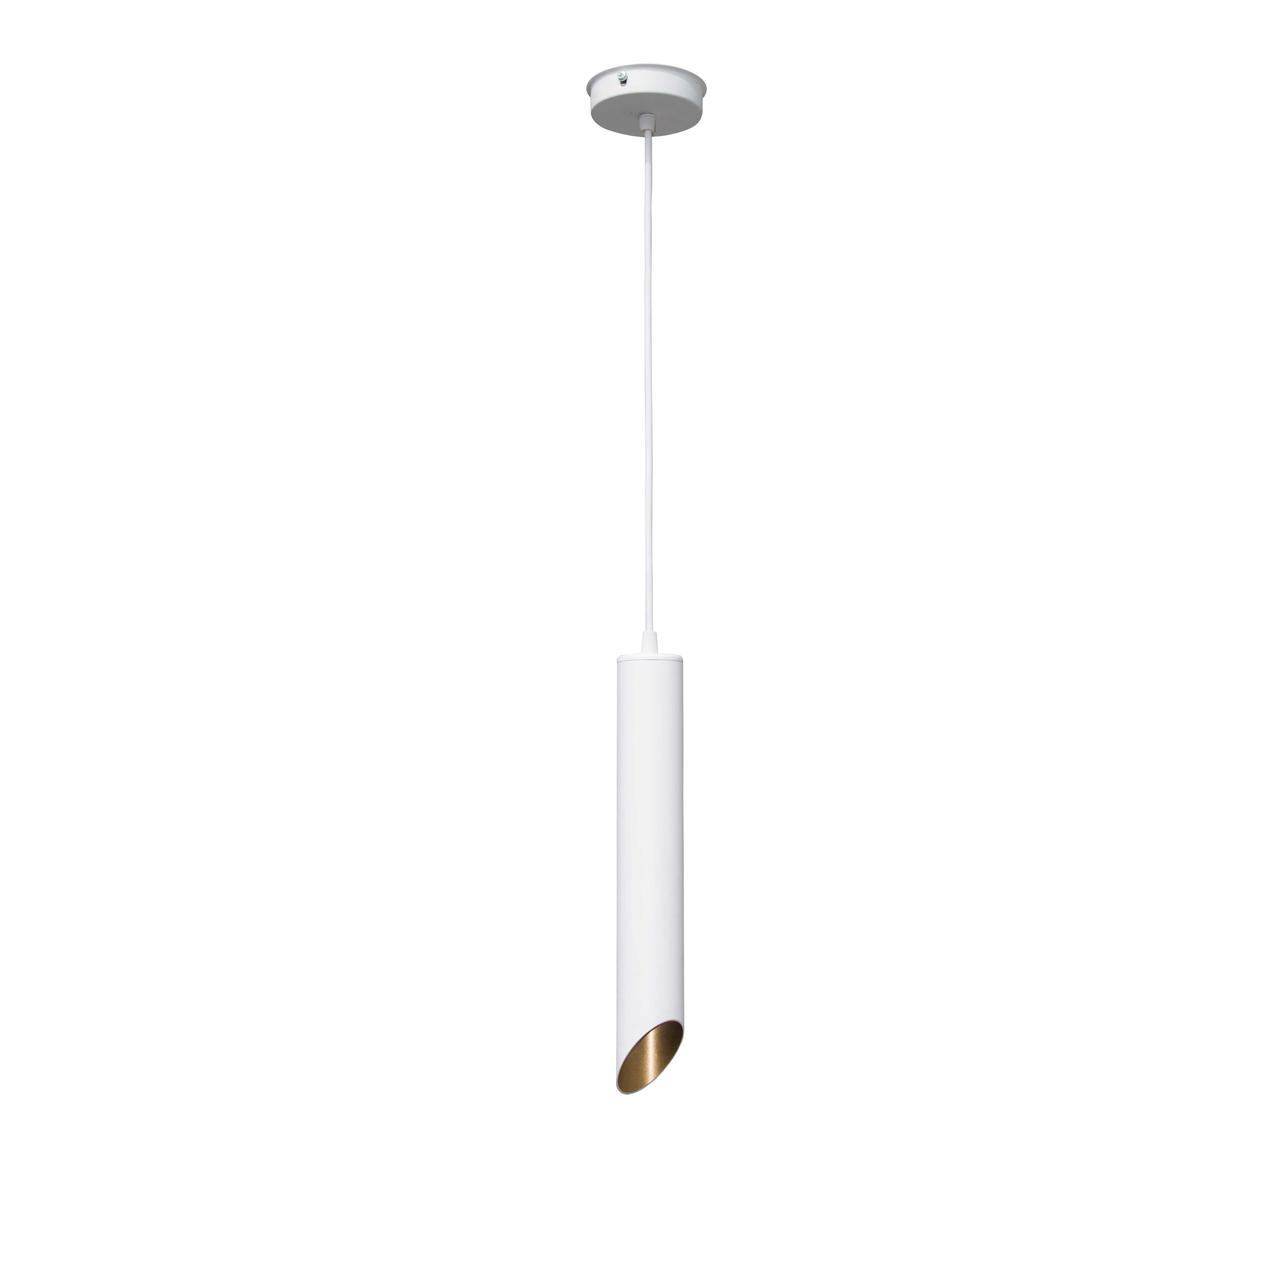 Светильник подвесной в стиле лофт  Трубка  NL3722 W